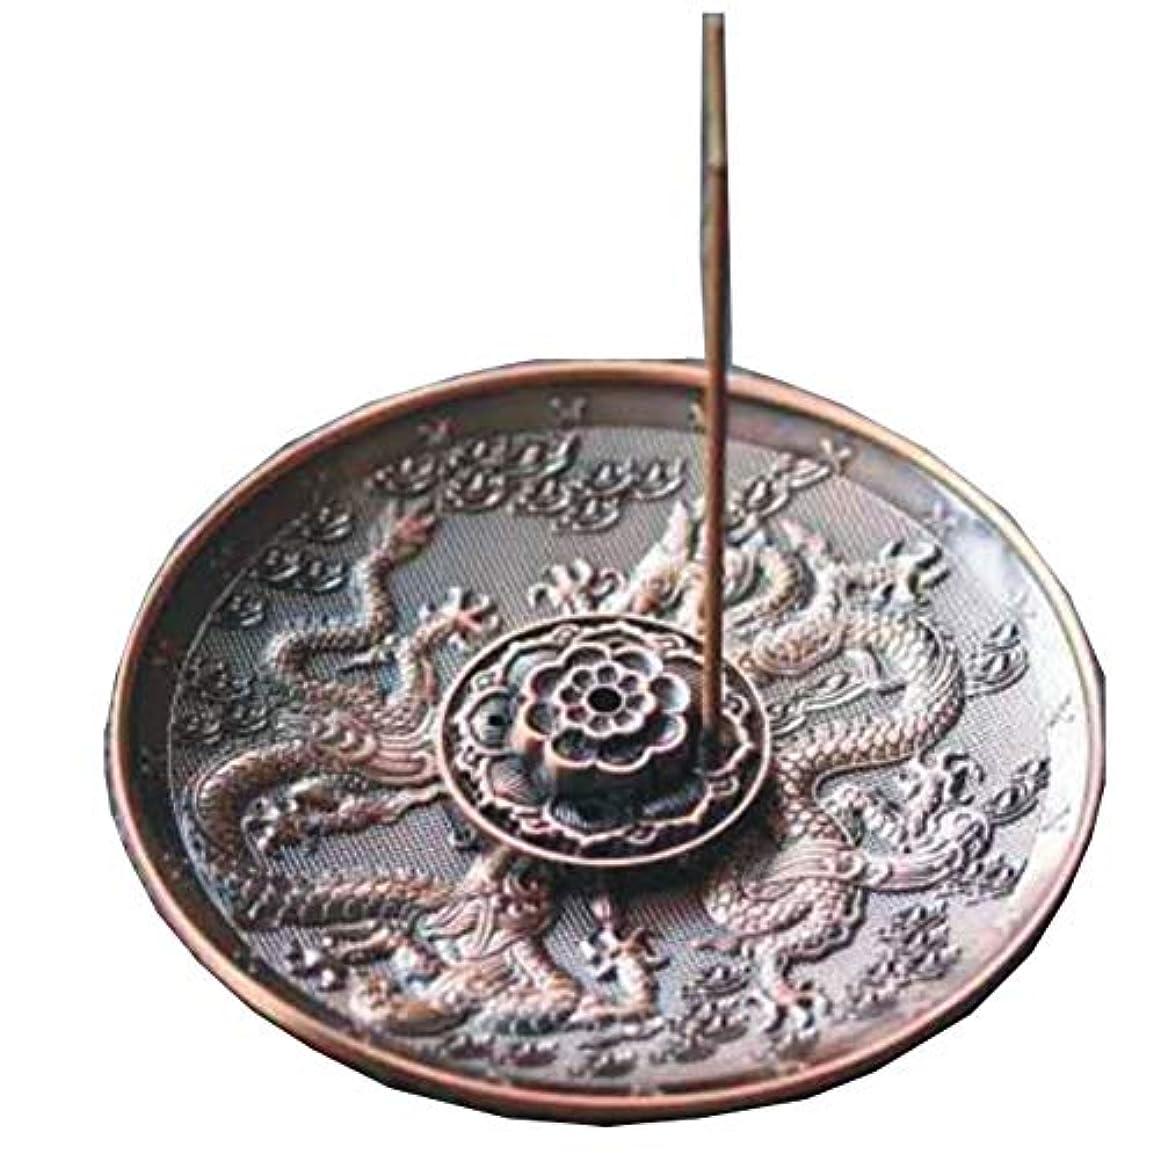 レルム霊悲鳴[RADISSY] お香立て 香炉 香皿 スティック 円錐 タイプ お香 スタンド 龍のデザイン (赤胴色9穴)